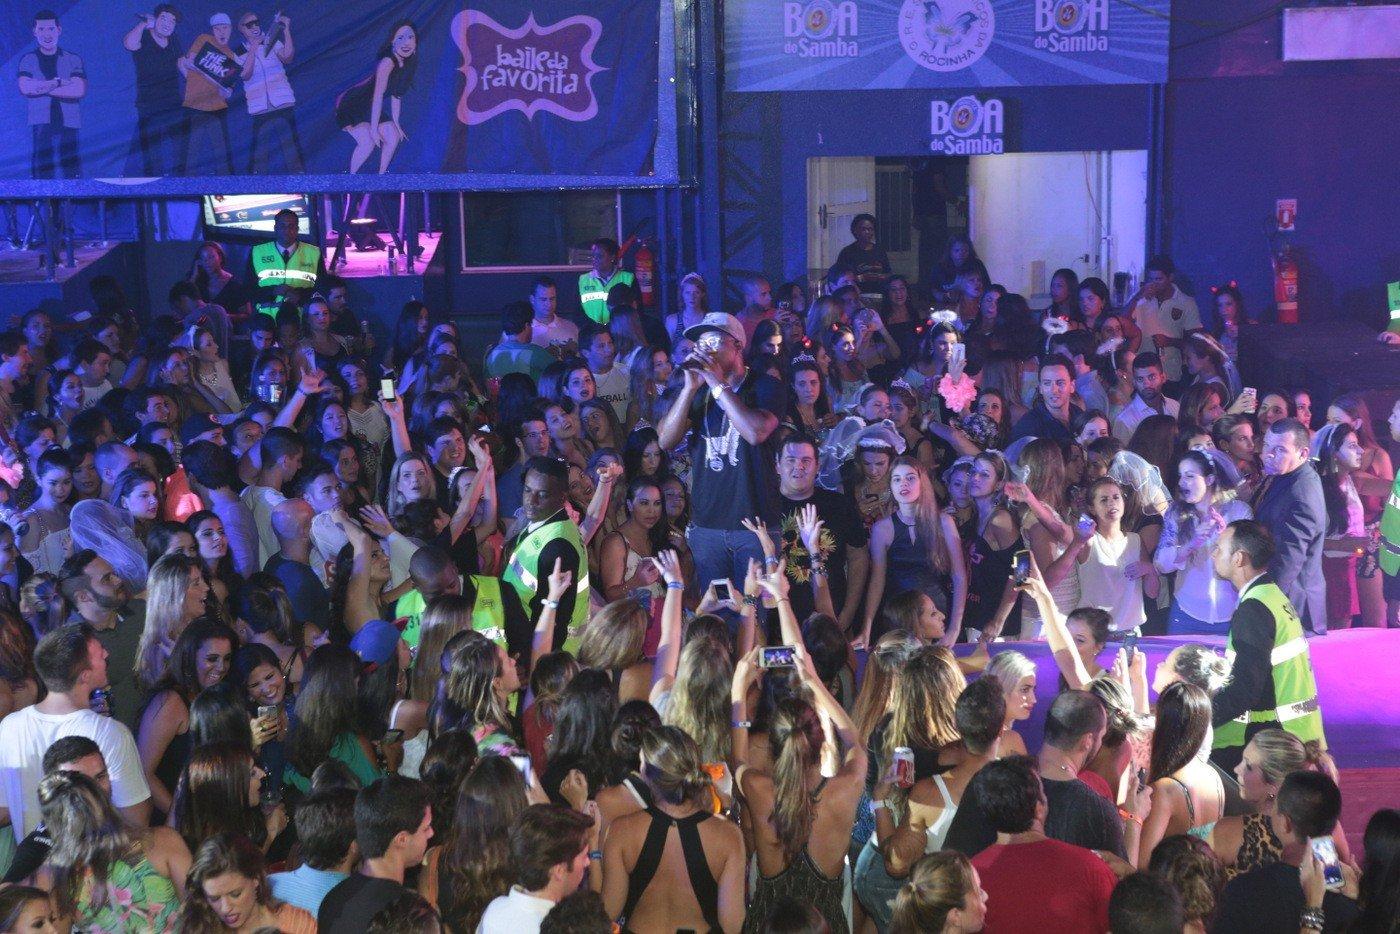 Baile da Favorita traz a Goiânia um dos maiores eventos de funk do Brasil | Foto: Divulgação